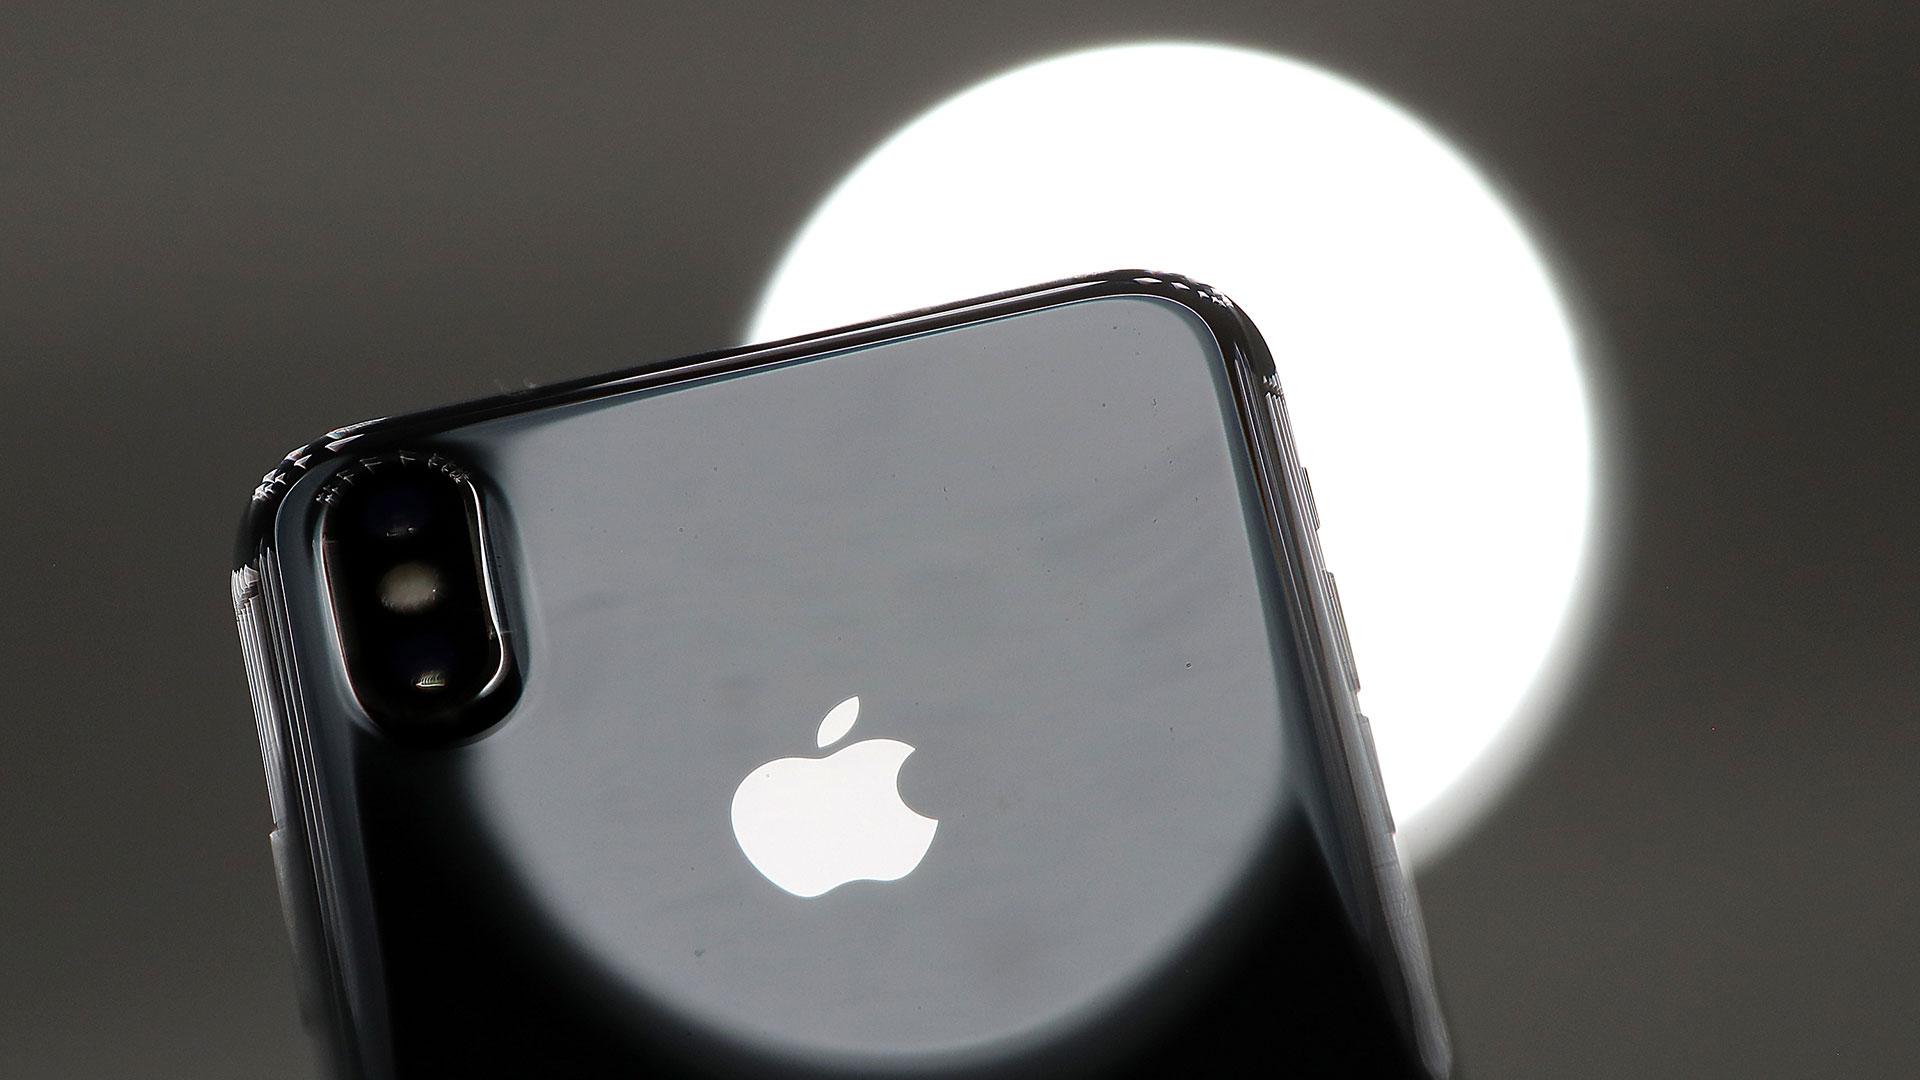 Los sistemas operativos iOS 10.2.1 y el 11.2 redujeron la velocidad de los dispositivos para compensar la poca capacidad de las baterías de litio envejecidas. (Getty Images)